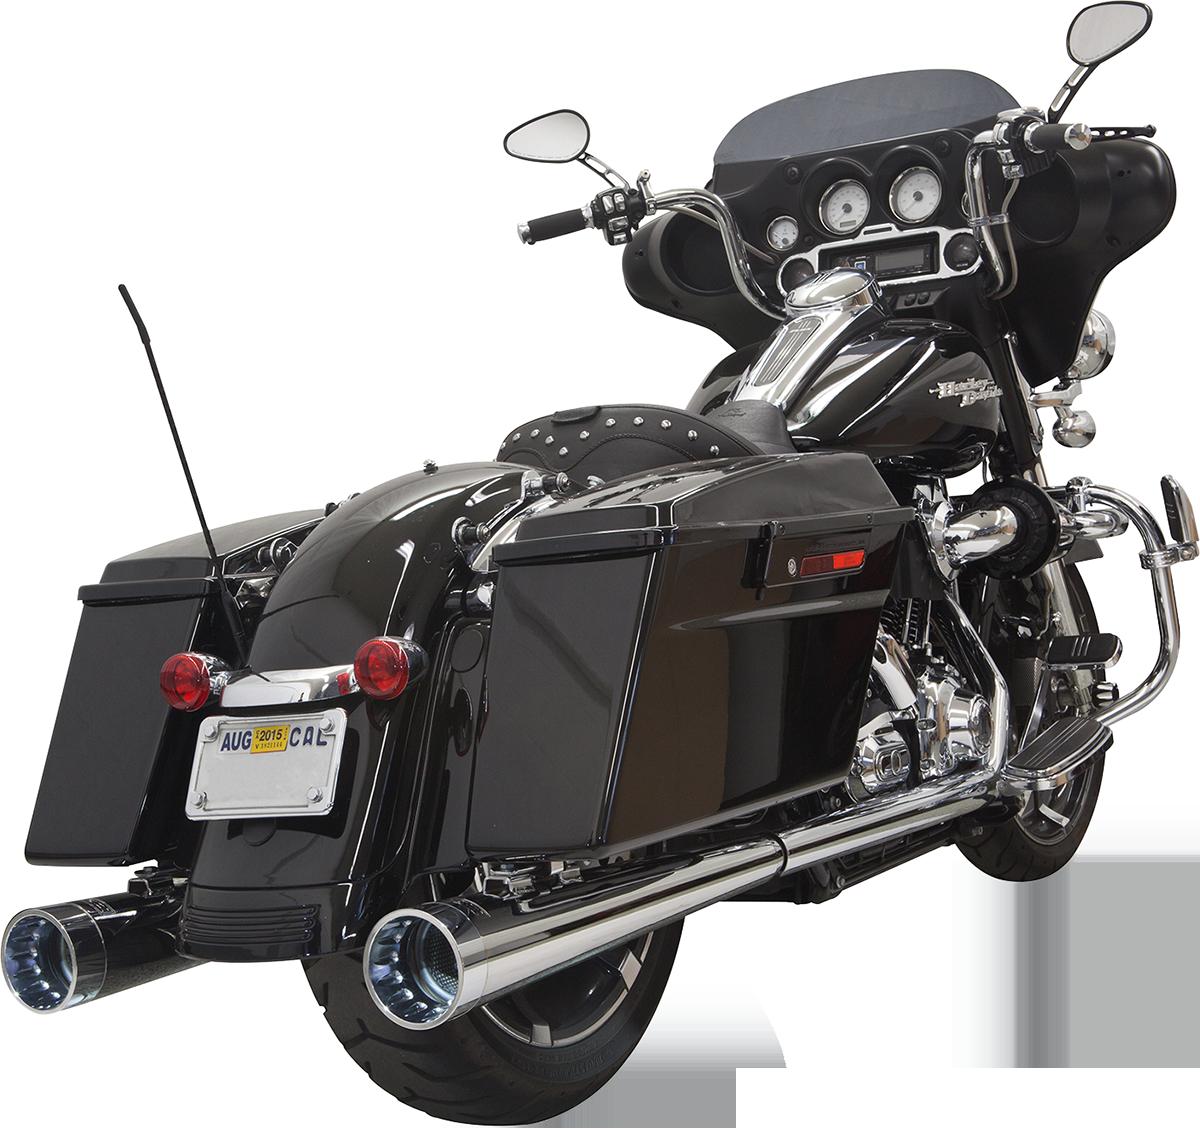 Bassani Chrome Slip On Exhaust Mufflers for 95-16 Harley Touring FLHT FLHX FLHTC